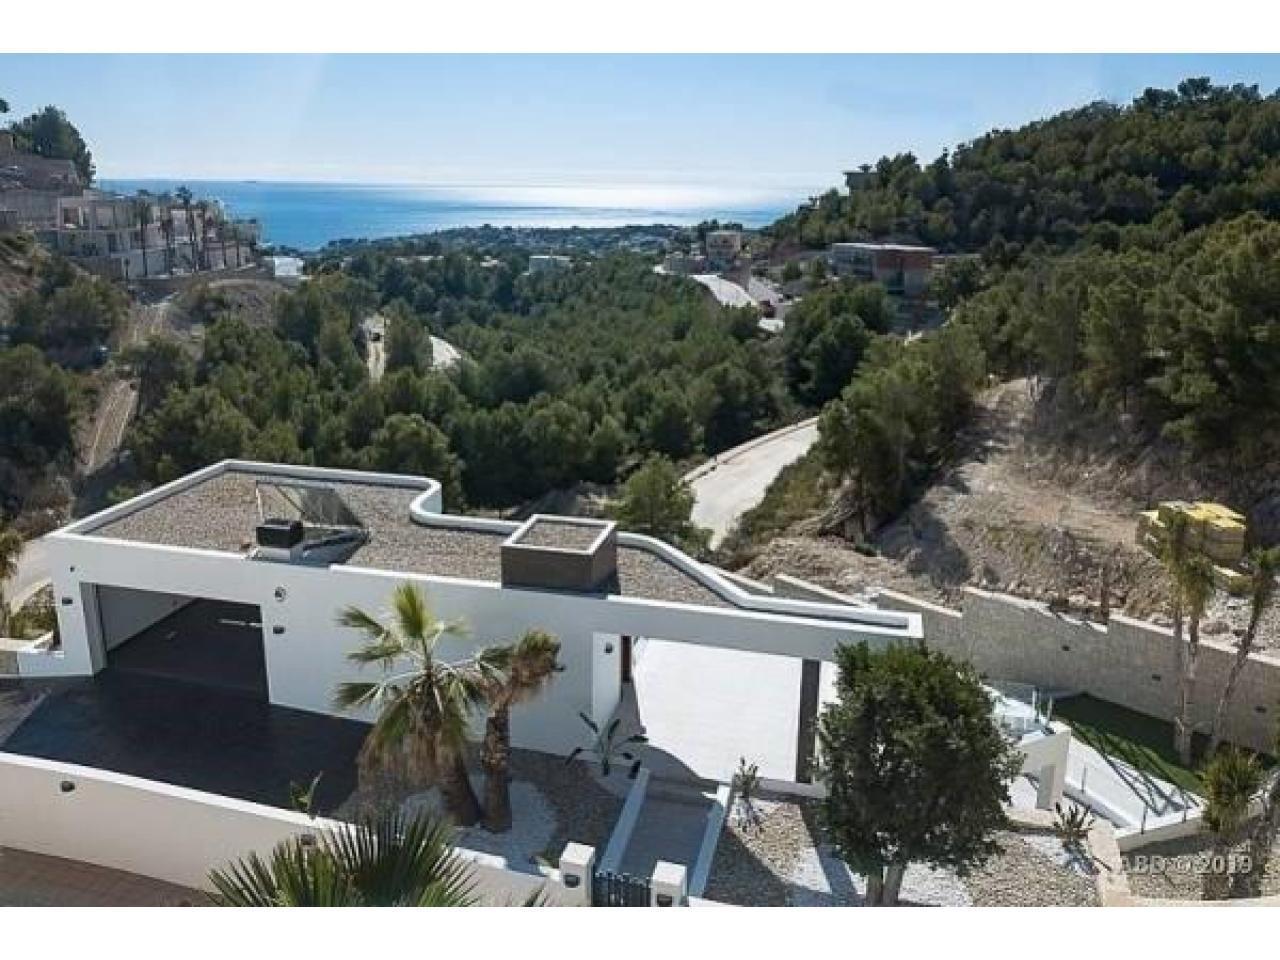 Недвижимость в Испании, Новая вилла с видами на море от застройщика в Венисса,Коста Бланка,Испания - 3